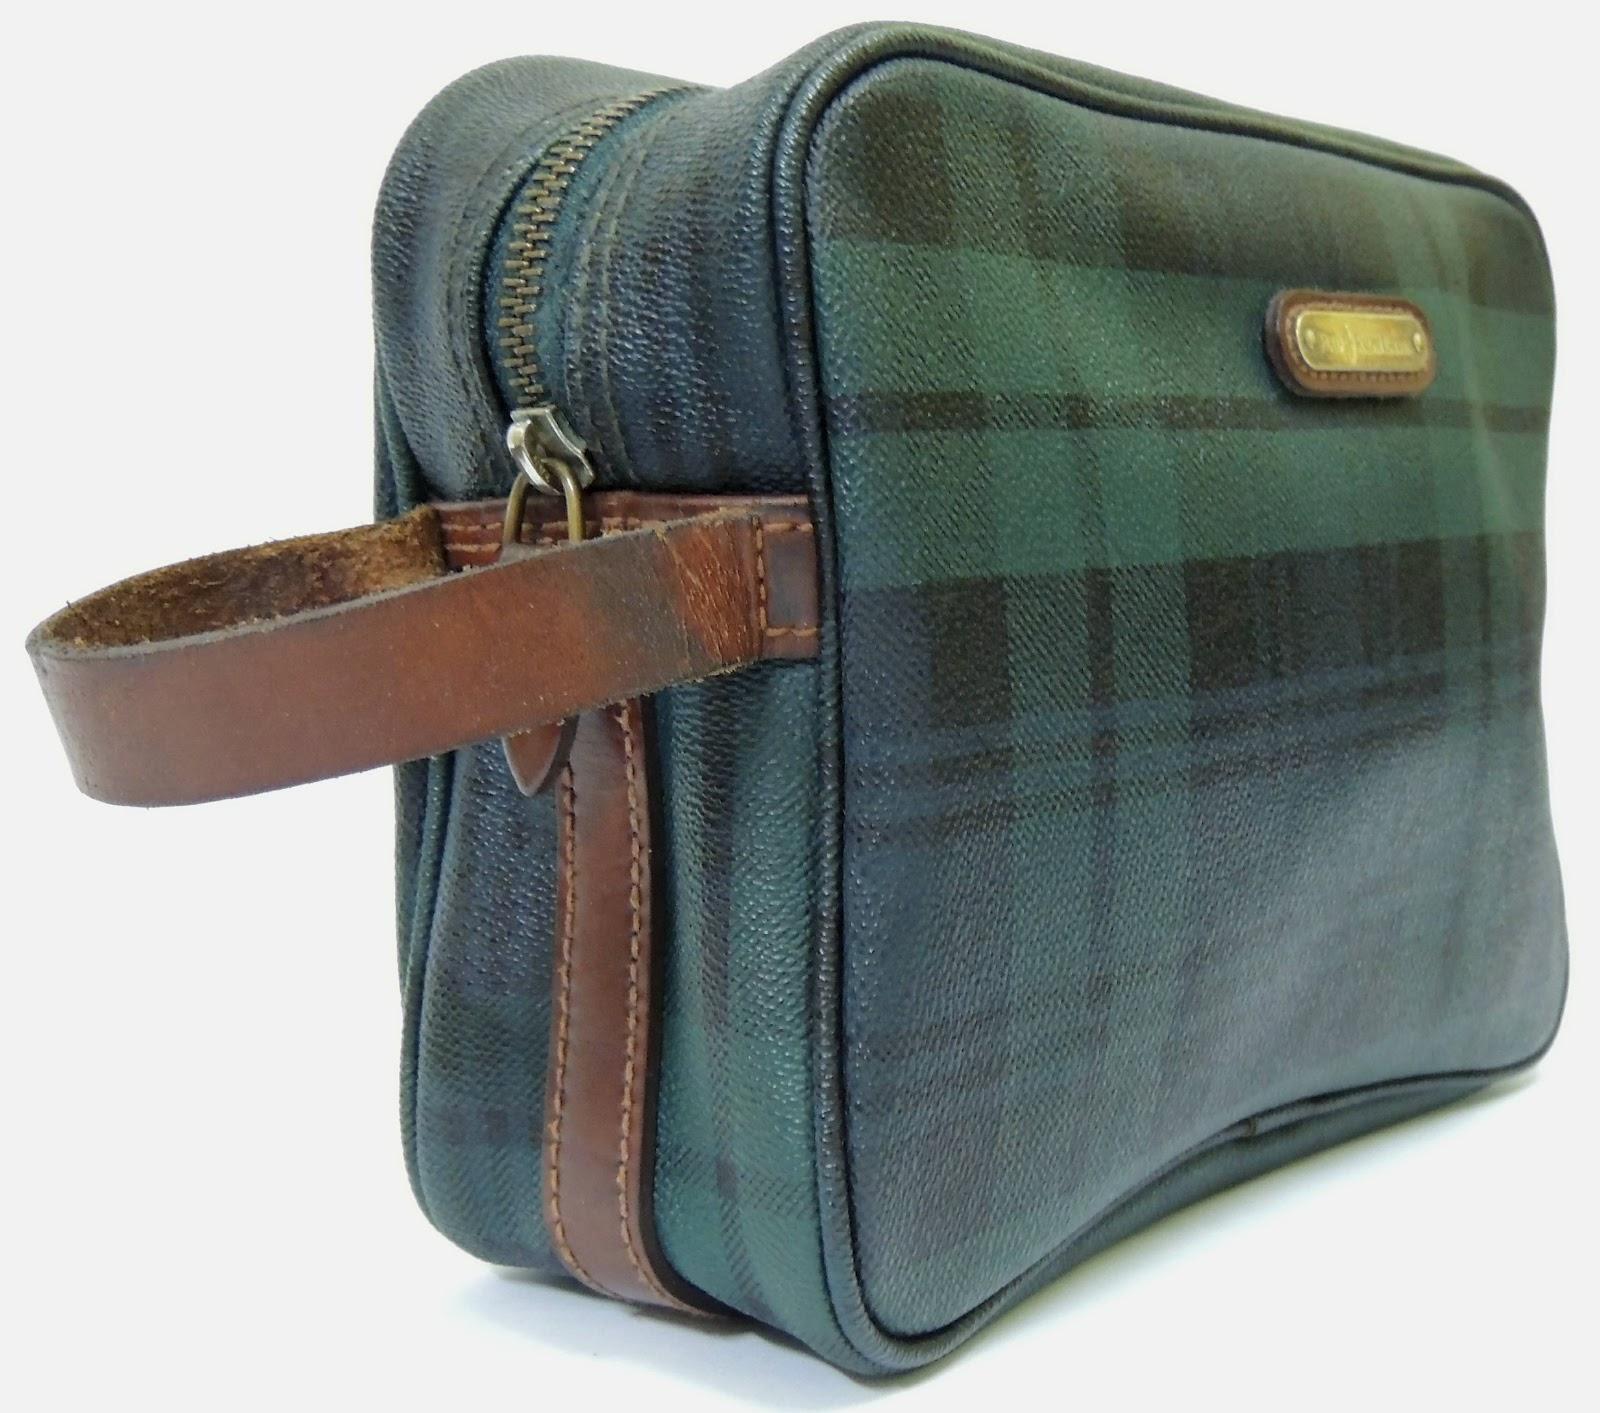 Janji Laku  Vintage Checkered POLO RALPH LAUREN Wristlet Pouch Bag a196b803a4e8a